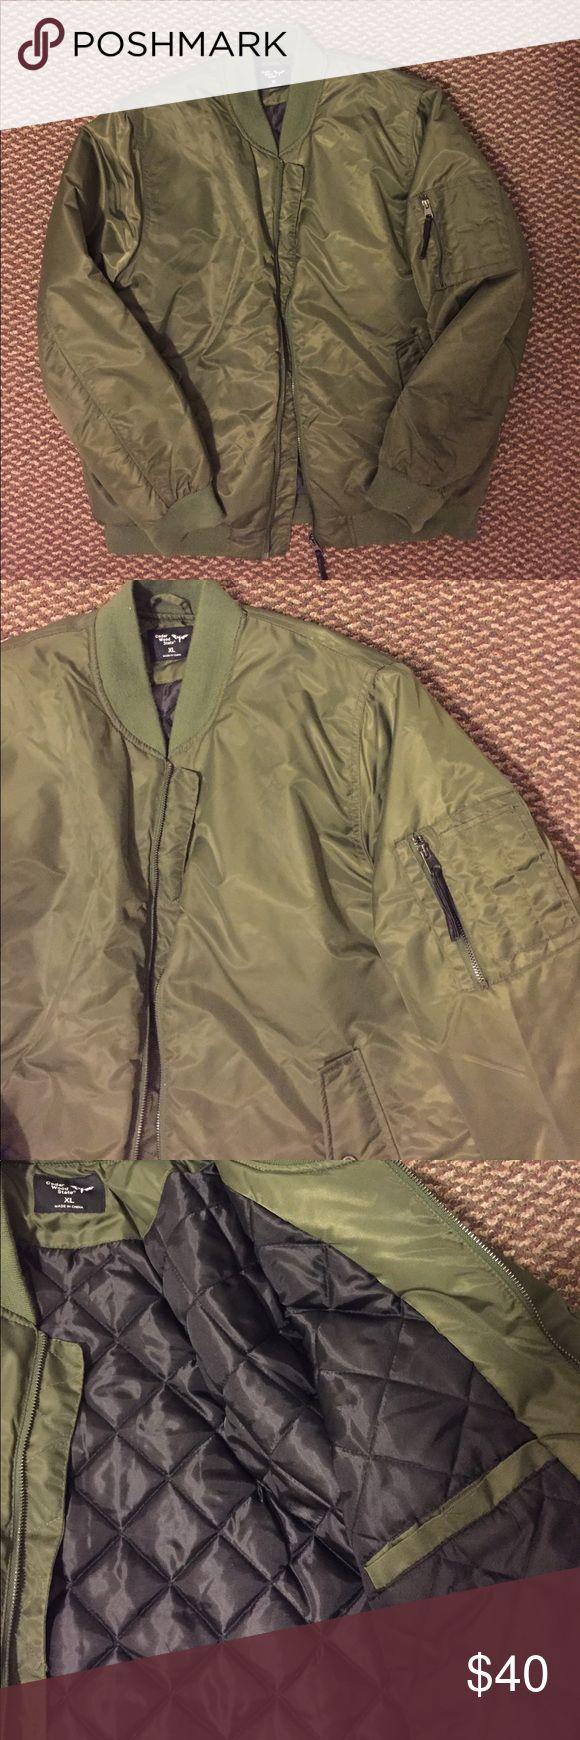 Men's Bomber Jacket XL *Army Green* NEVER WORN Army Green Bomber Jacket NEVER WORN Jackets & Coats Bomber & Varsity